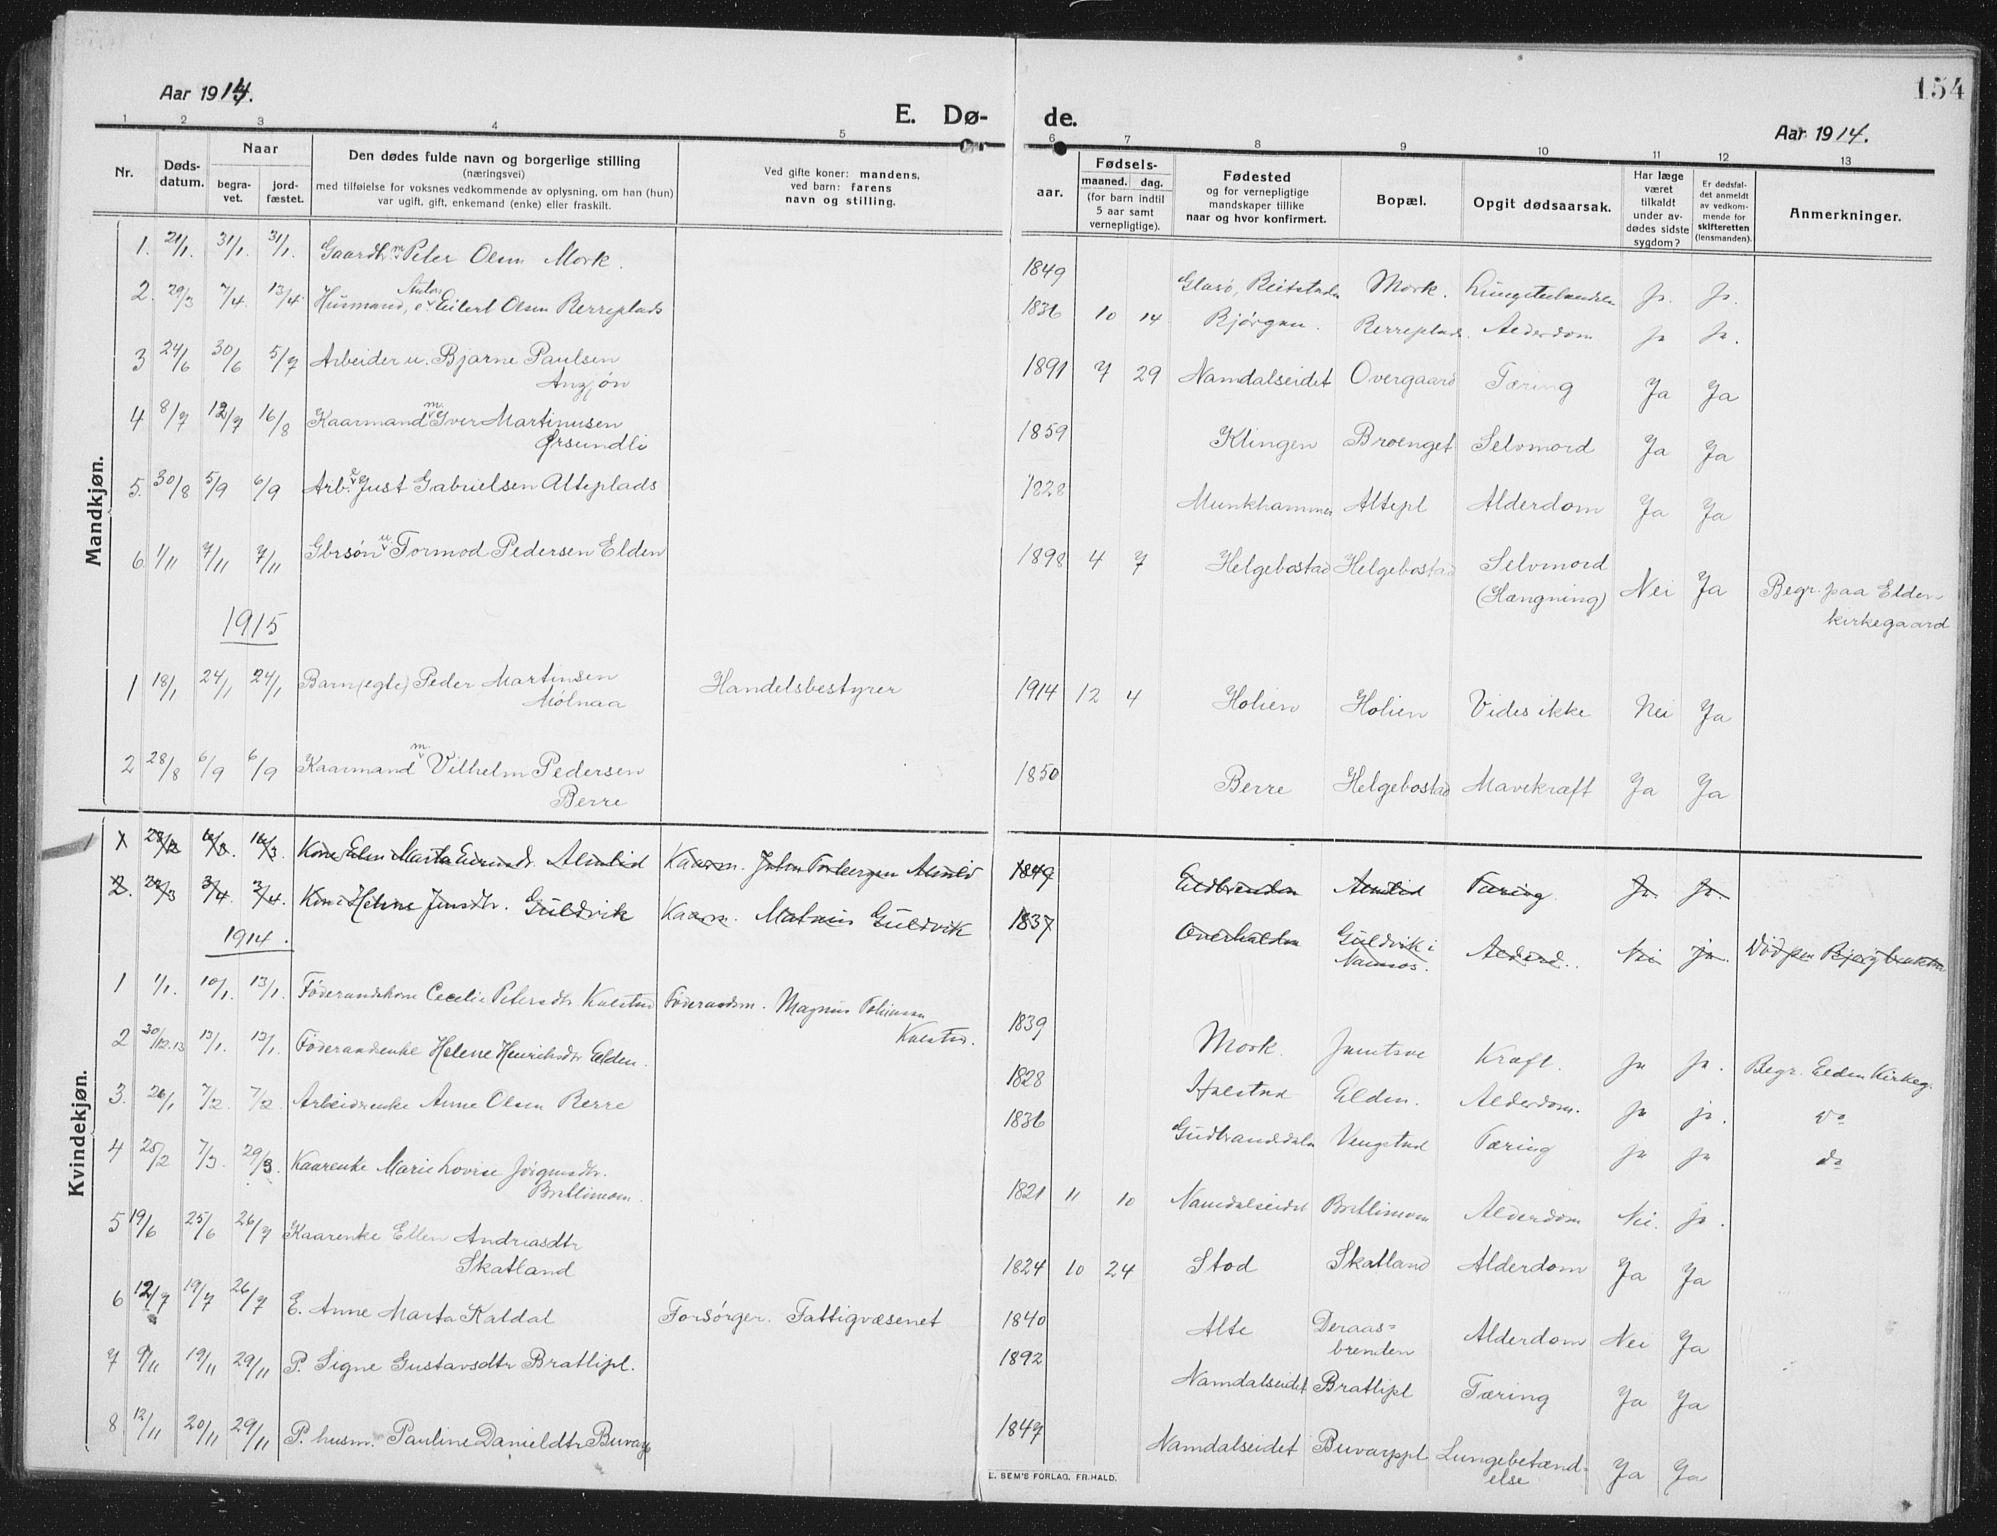 SAT, Ministerialprotokoller, klokkerbøker og fødselsregistre - Nord-Trøndelag, 742/L0413: Klokkerbok nr. 742C04, 1911-1938, s. 154